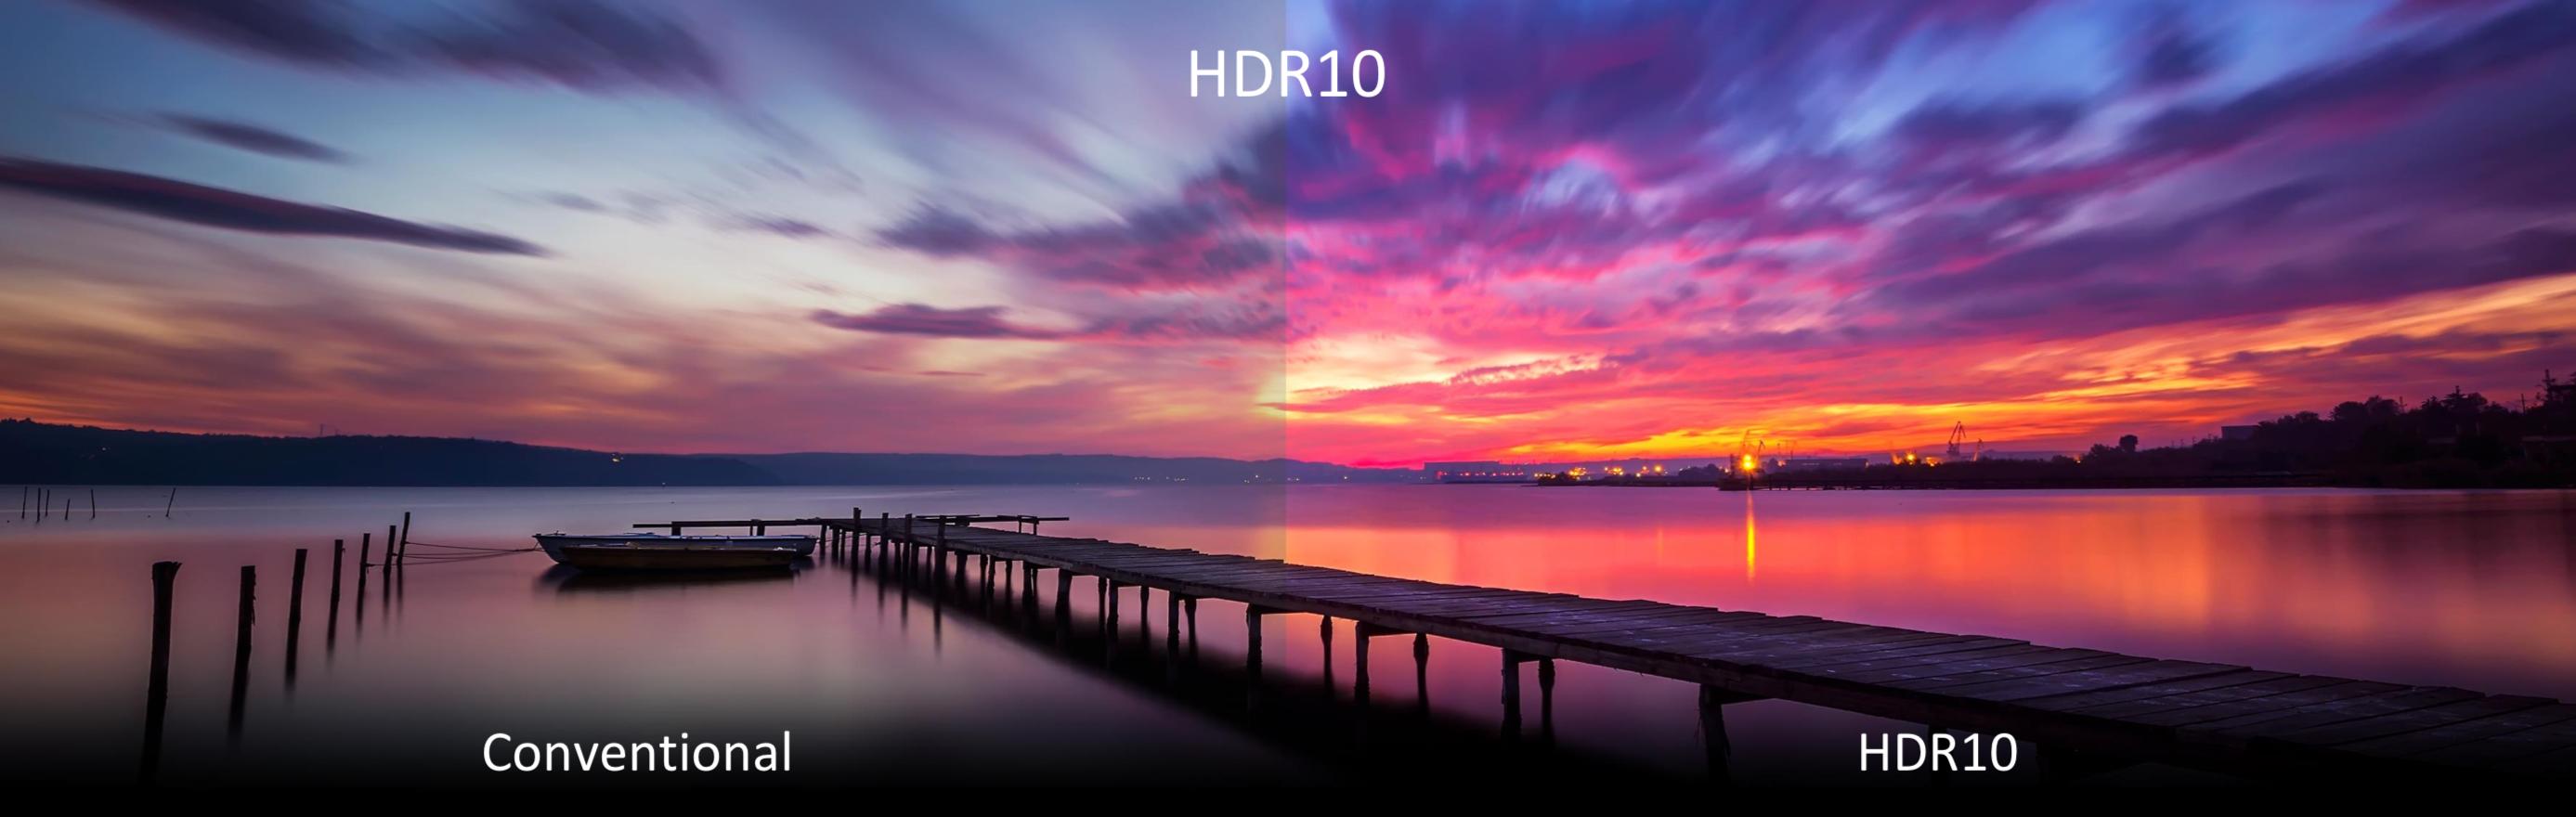 image018副本.jpg